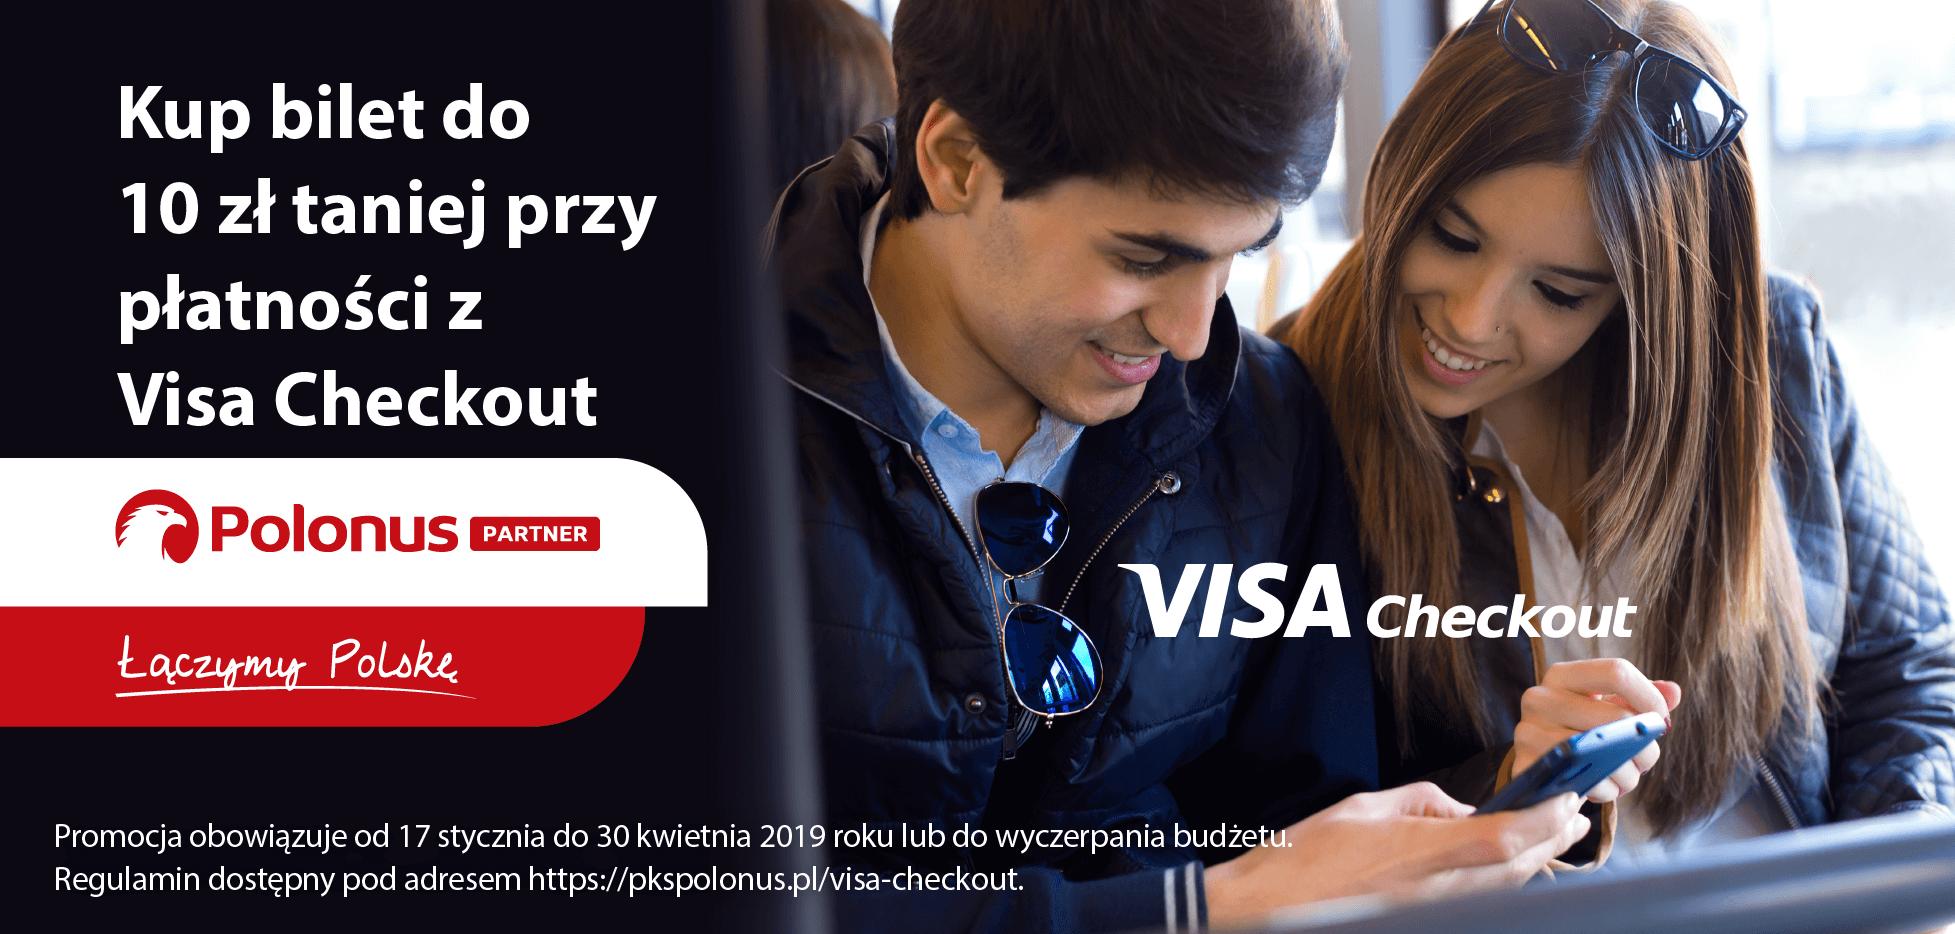 10 000 biletów do 10 zł taniej z Visa Checkout. Polonus Partner rozpoczyna współpracę z Visa